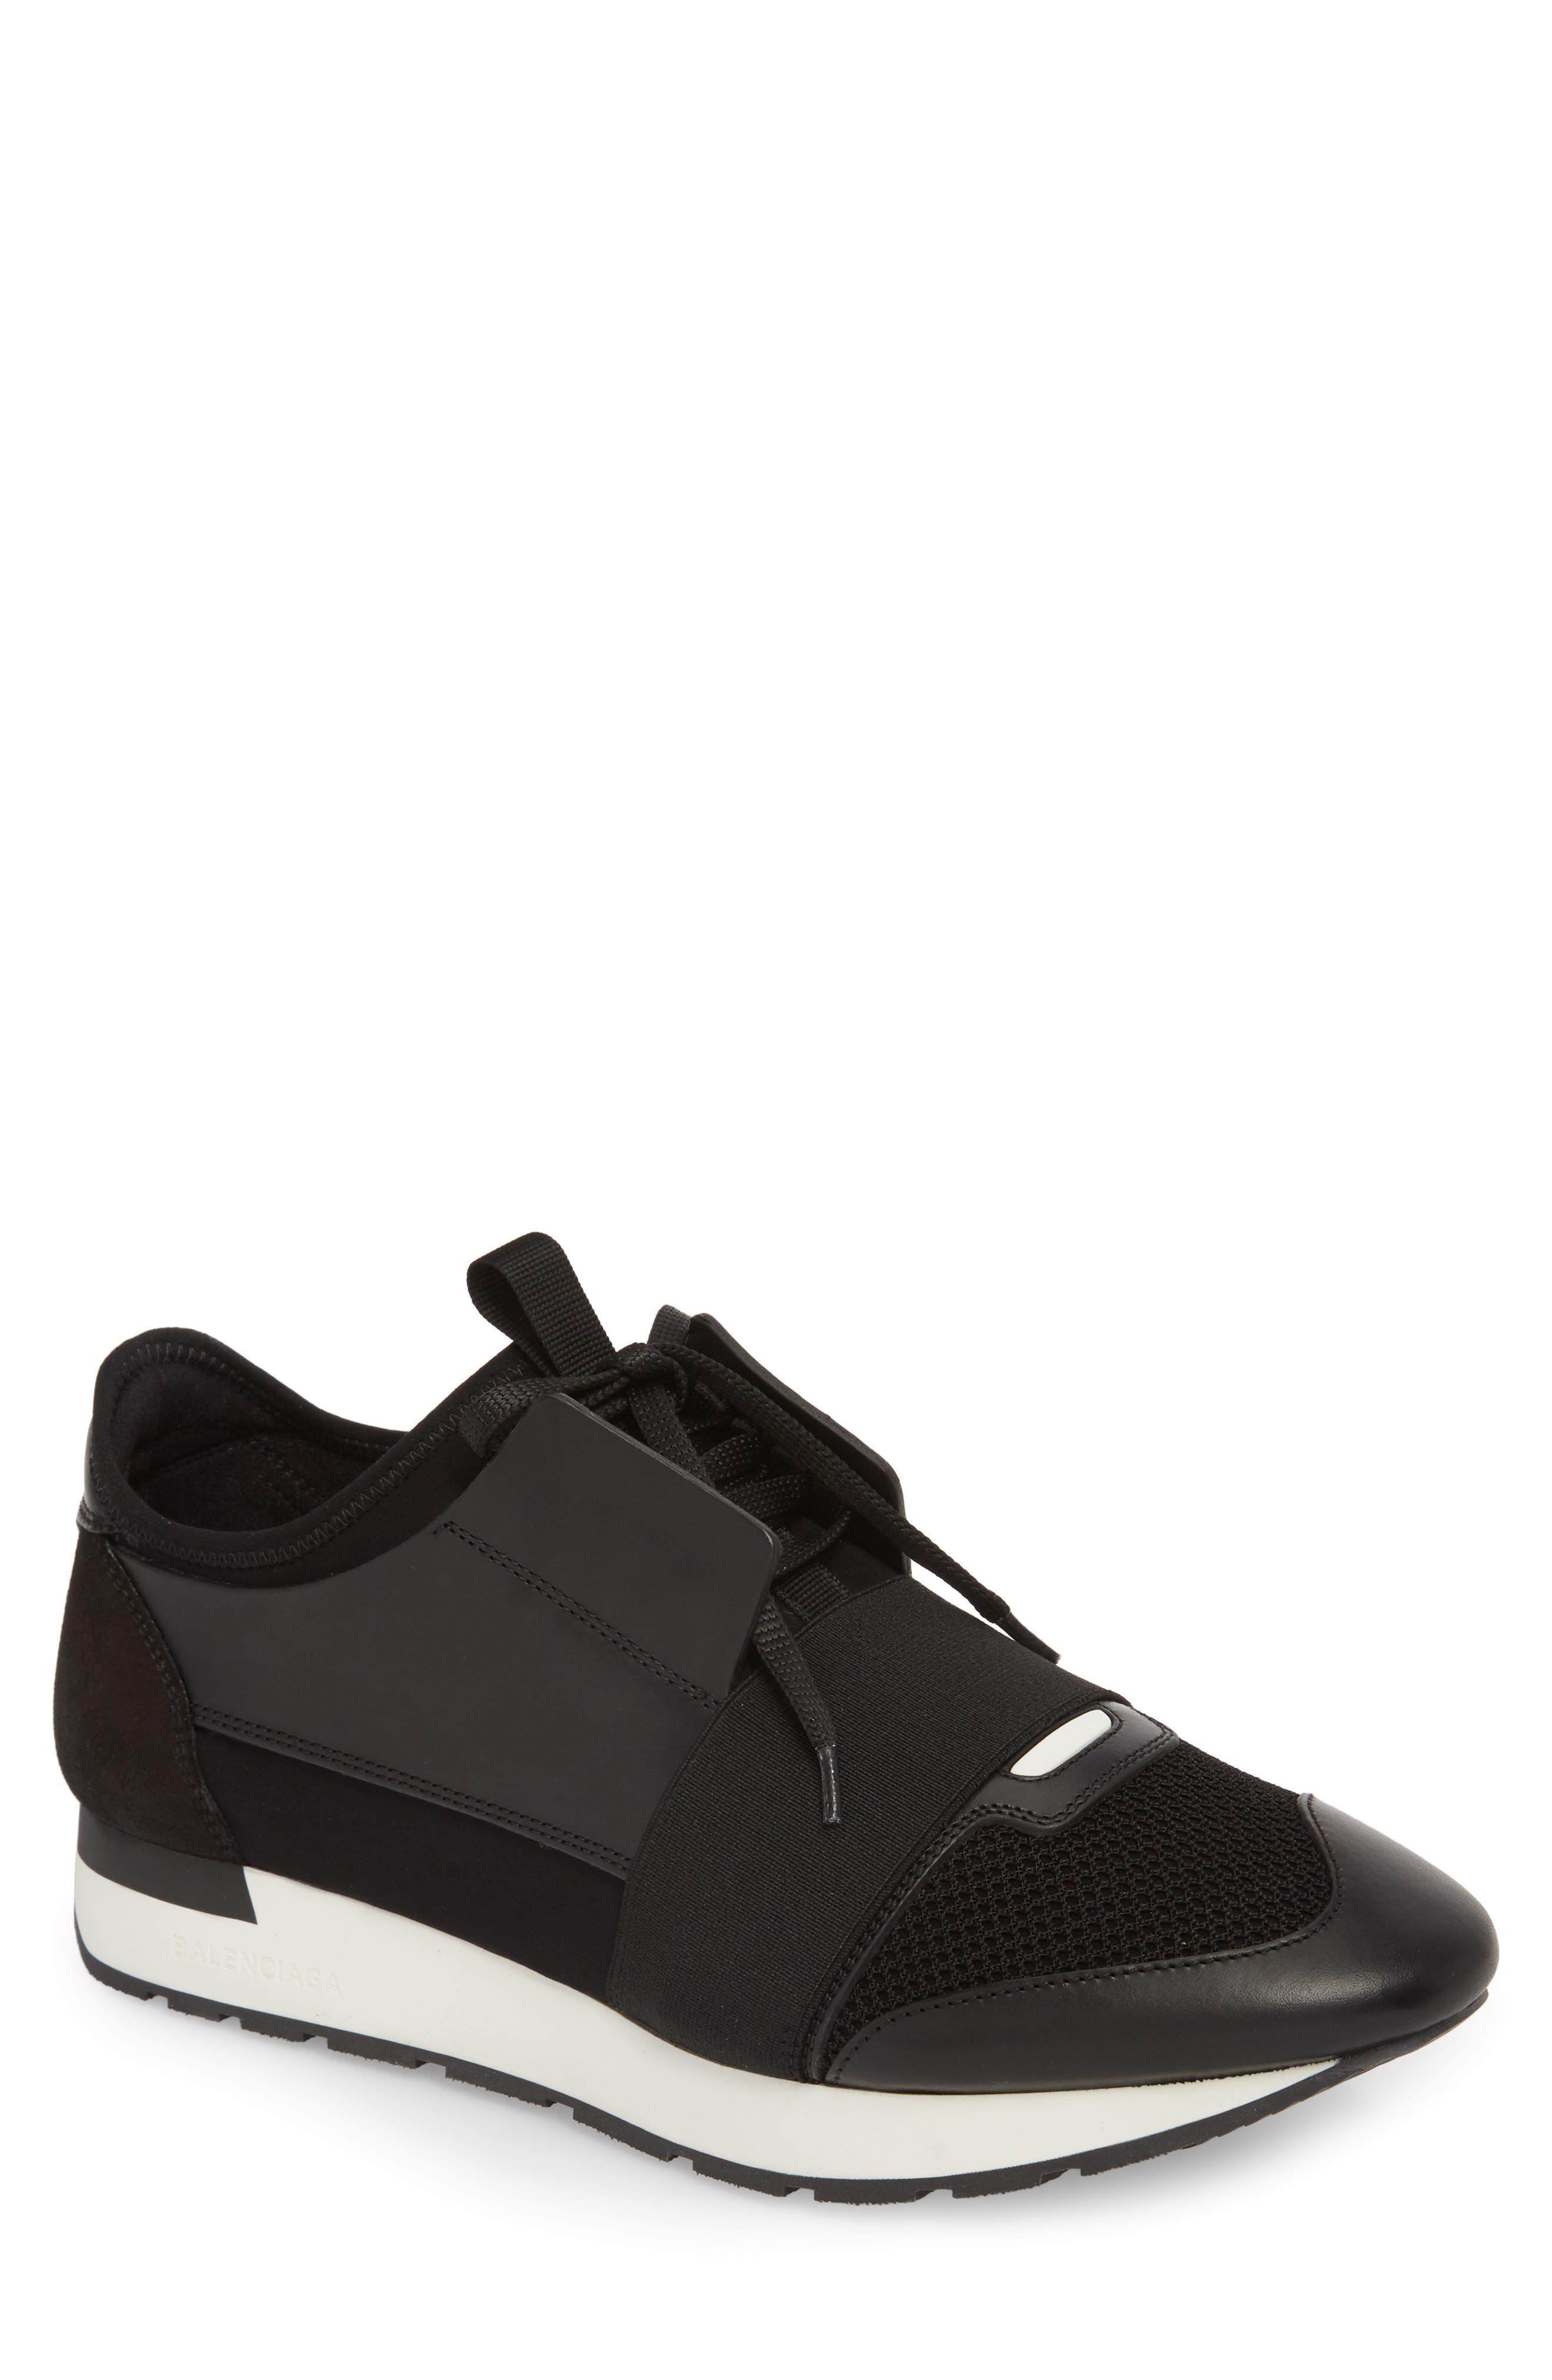 Race Runner Sneaker,                         Main,                         color, NOIR/ BLACK